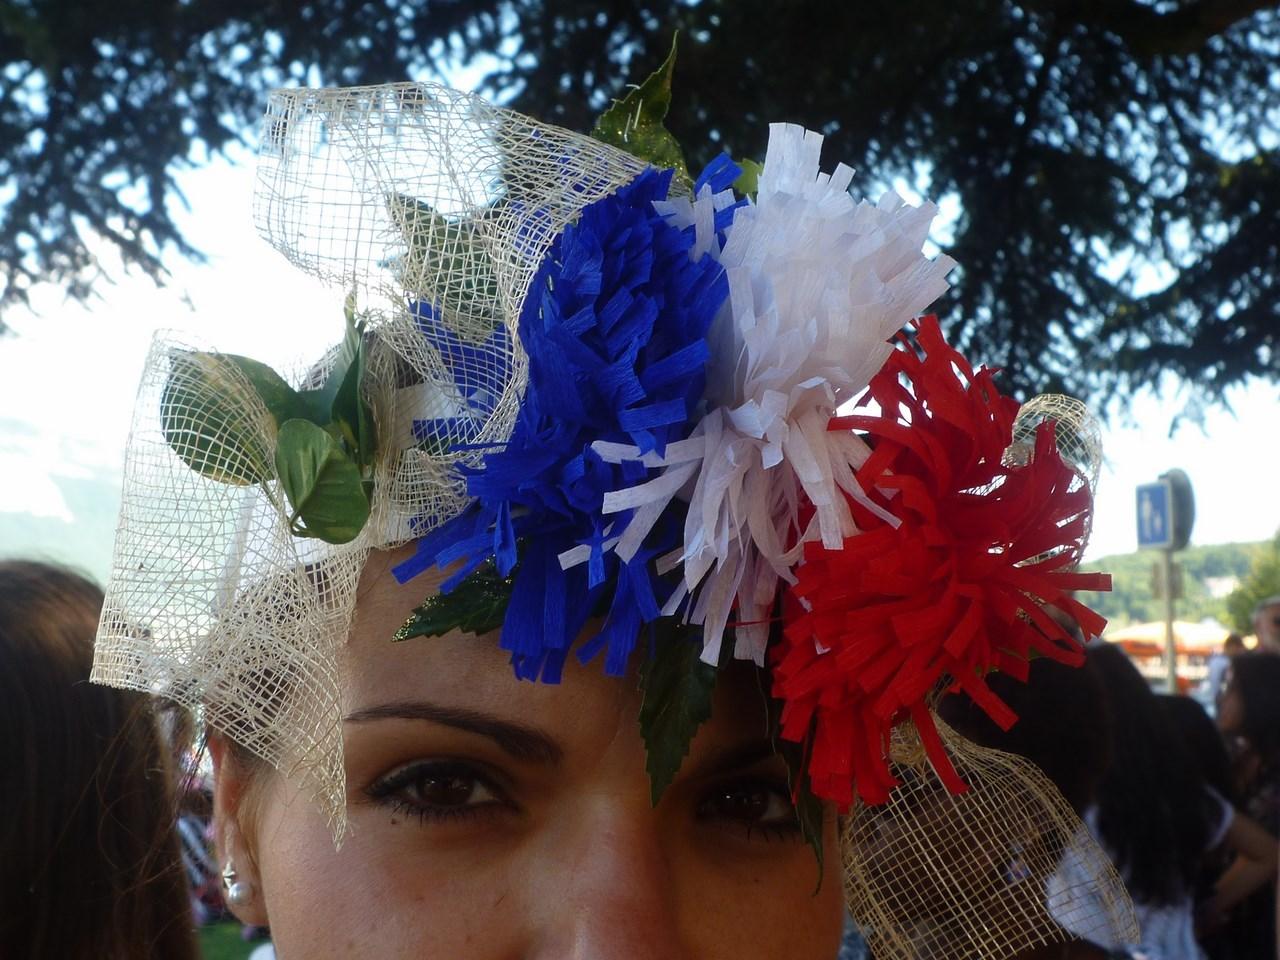 faiseurs_de_rêves_Annecy__Atelier_création_expo_défilé_chapeaux_rigolos_(6)